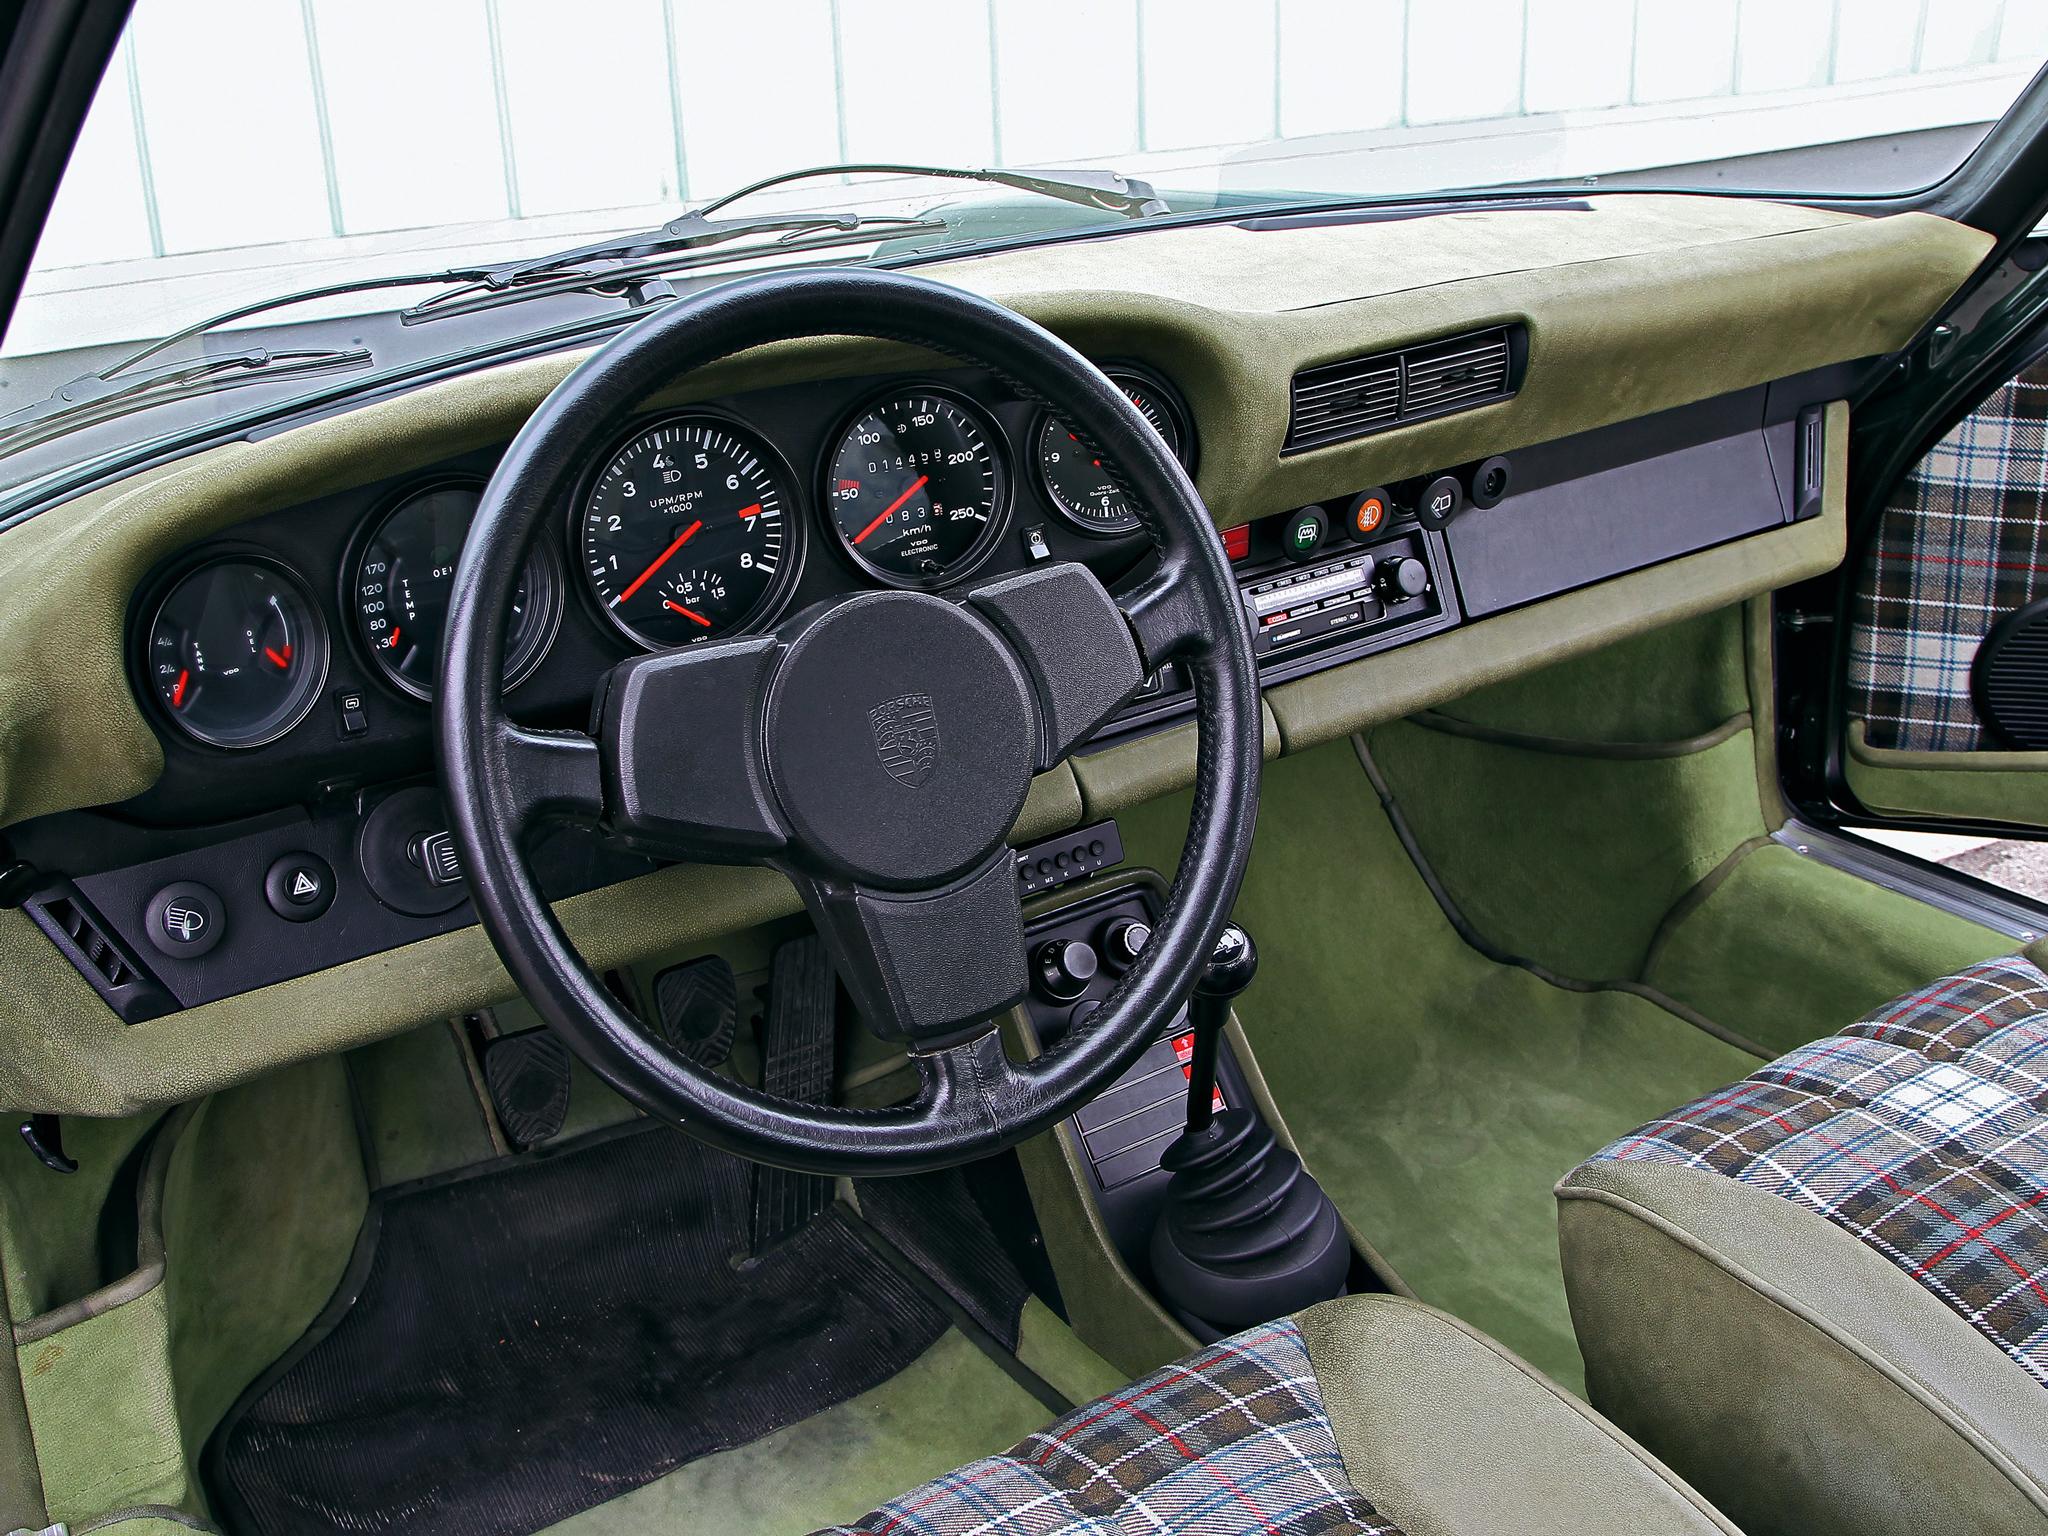 1975 Porsche 911 Turbo 3 0 Coupe 930 Supercar Interior G